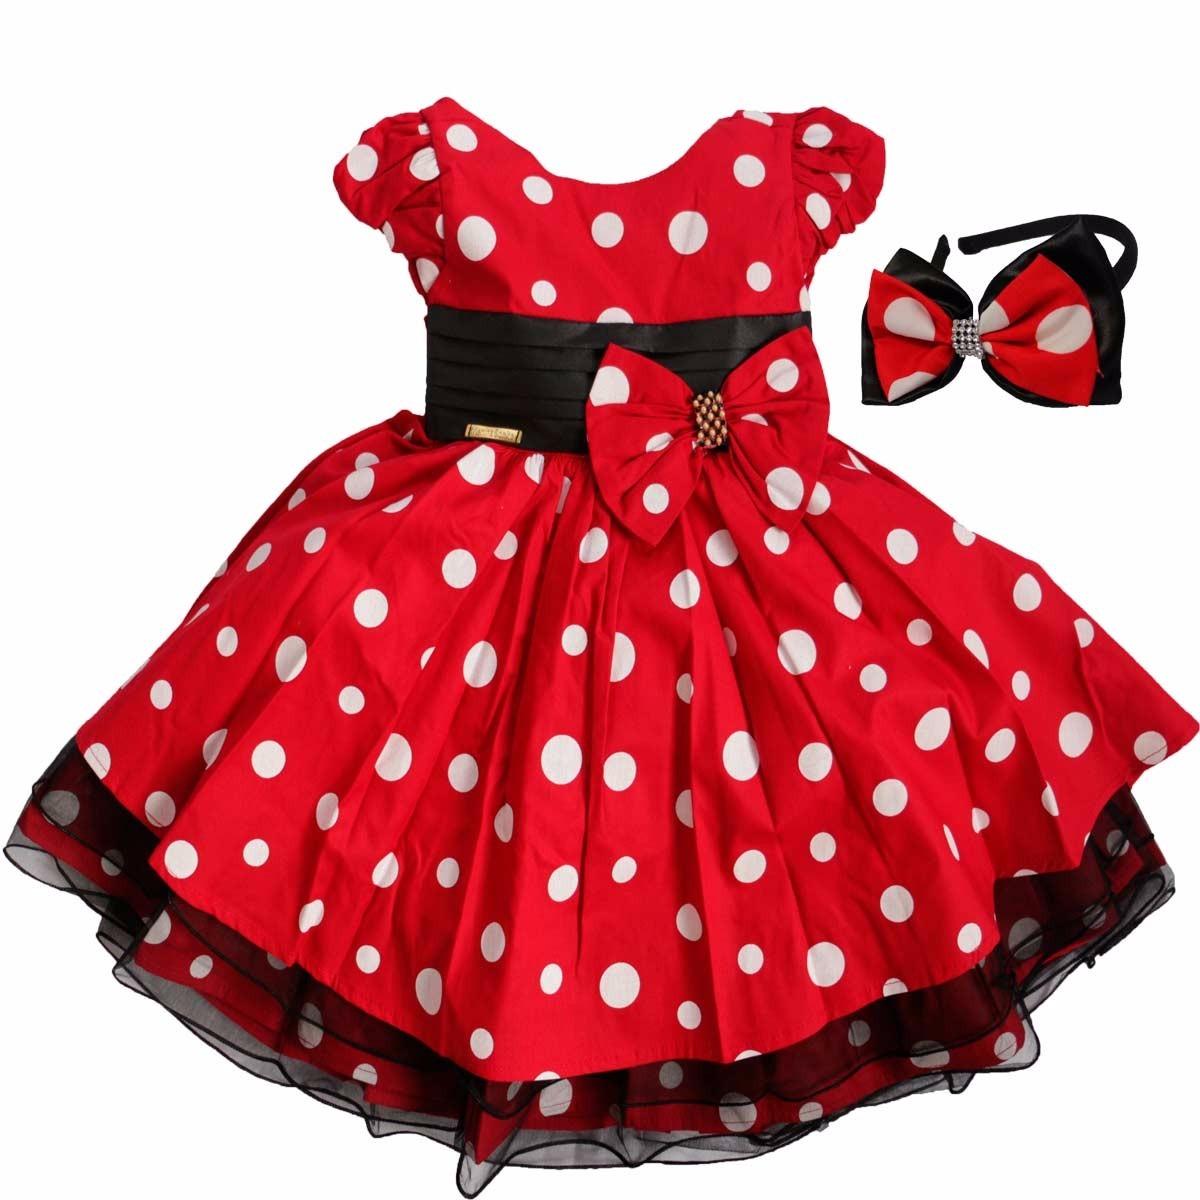 4a4e2d5089 vestido minnie infantil luxo fantasia para festa c/ tiara. Carregando zoom.